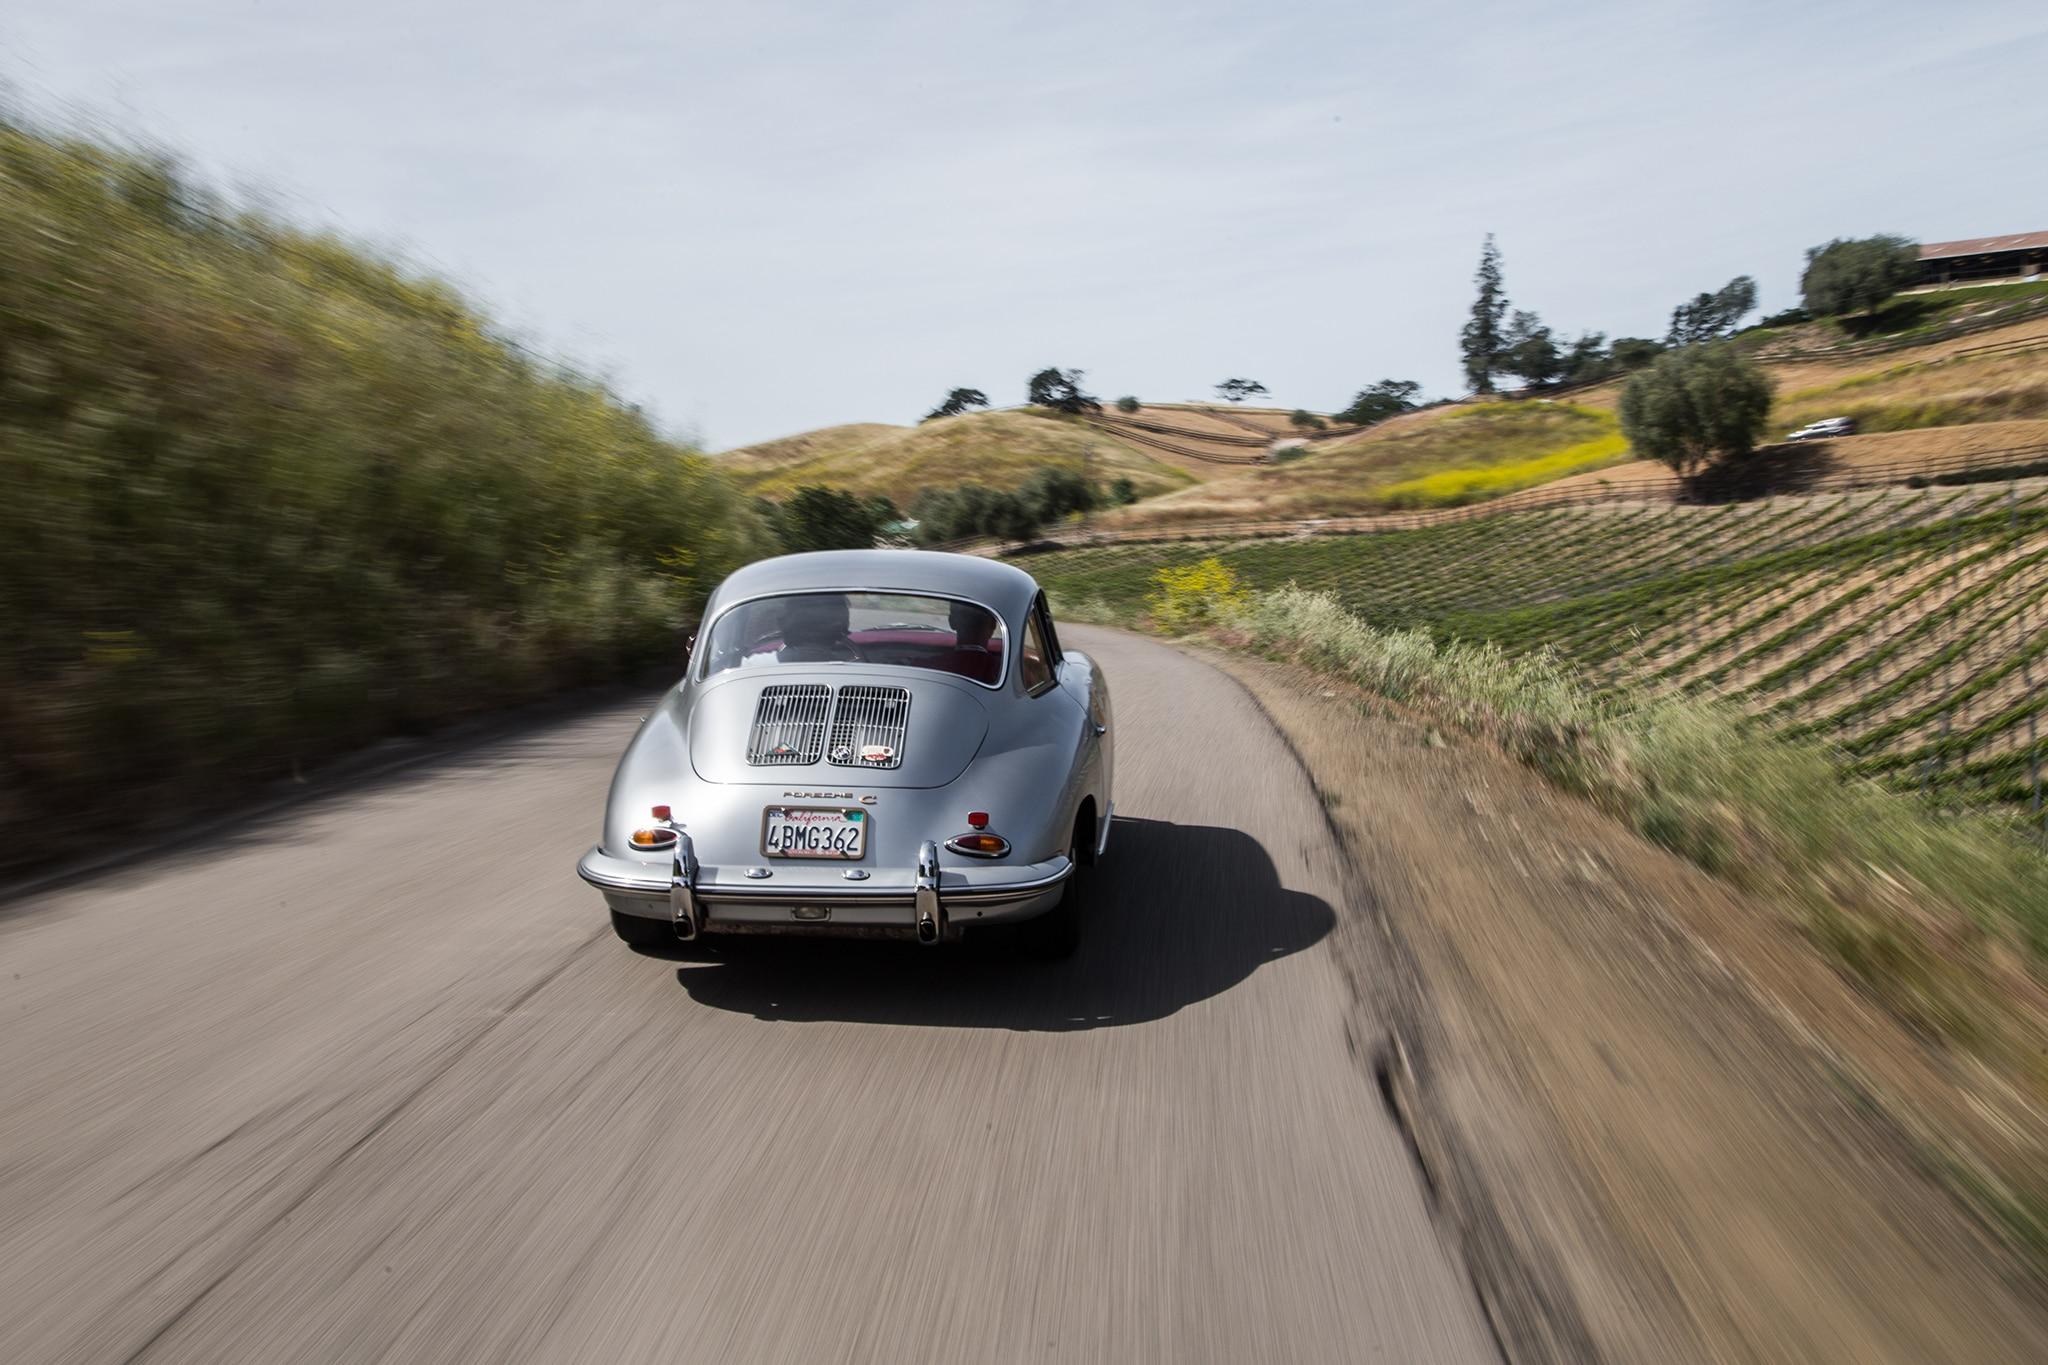 1964 Porsche 356 C Rear View In Motion 01